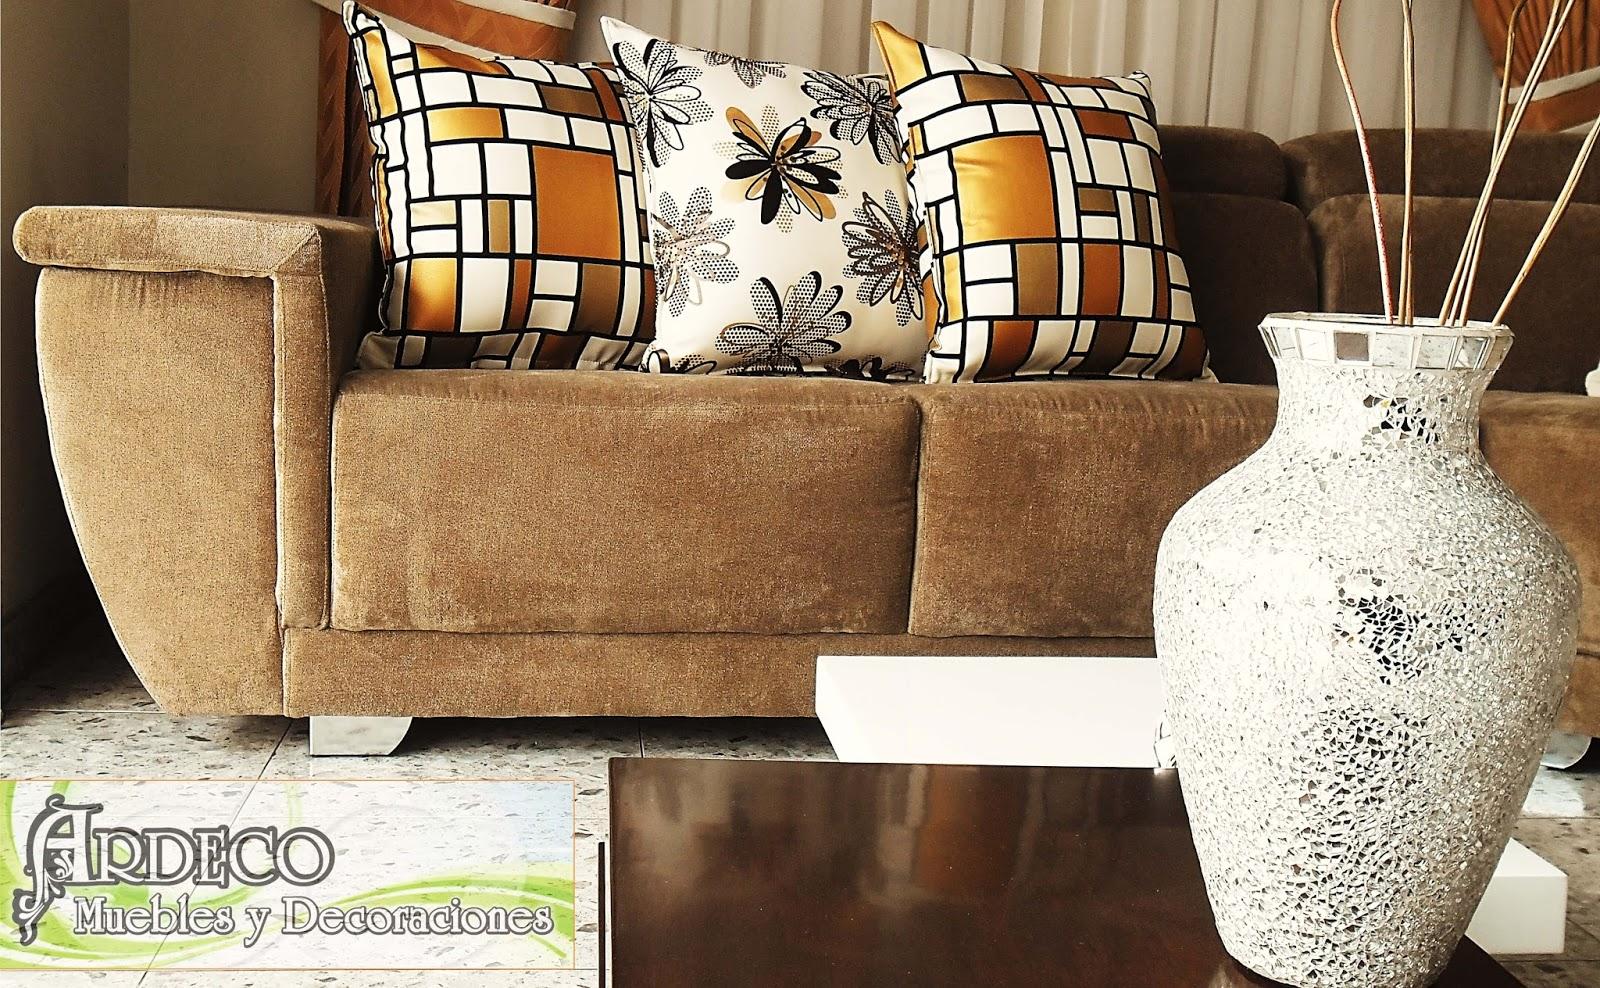 Ardeco muebles tulua c mo escoger la tela para tus muebles - Como forrar muebles con tela ...